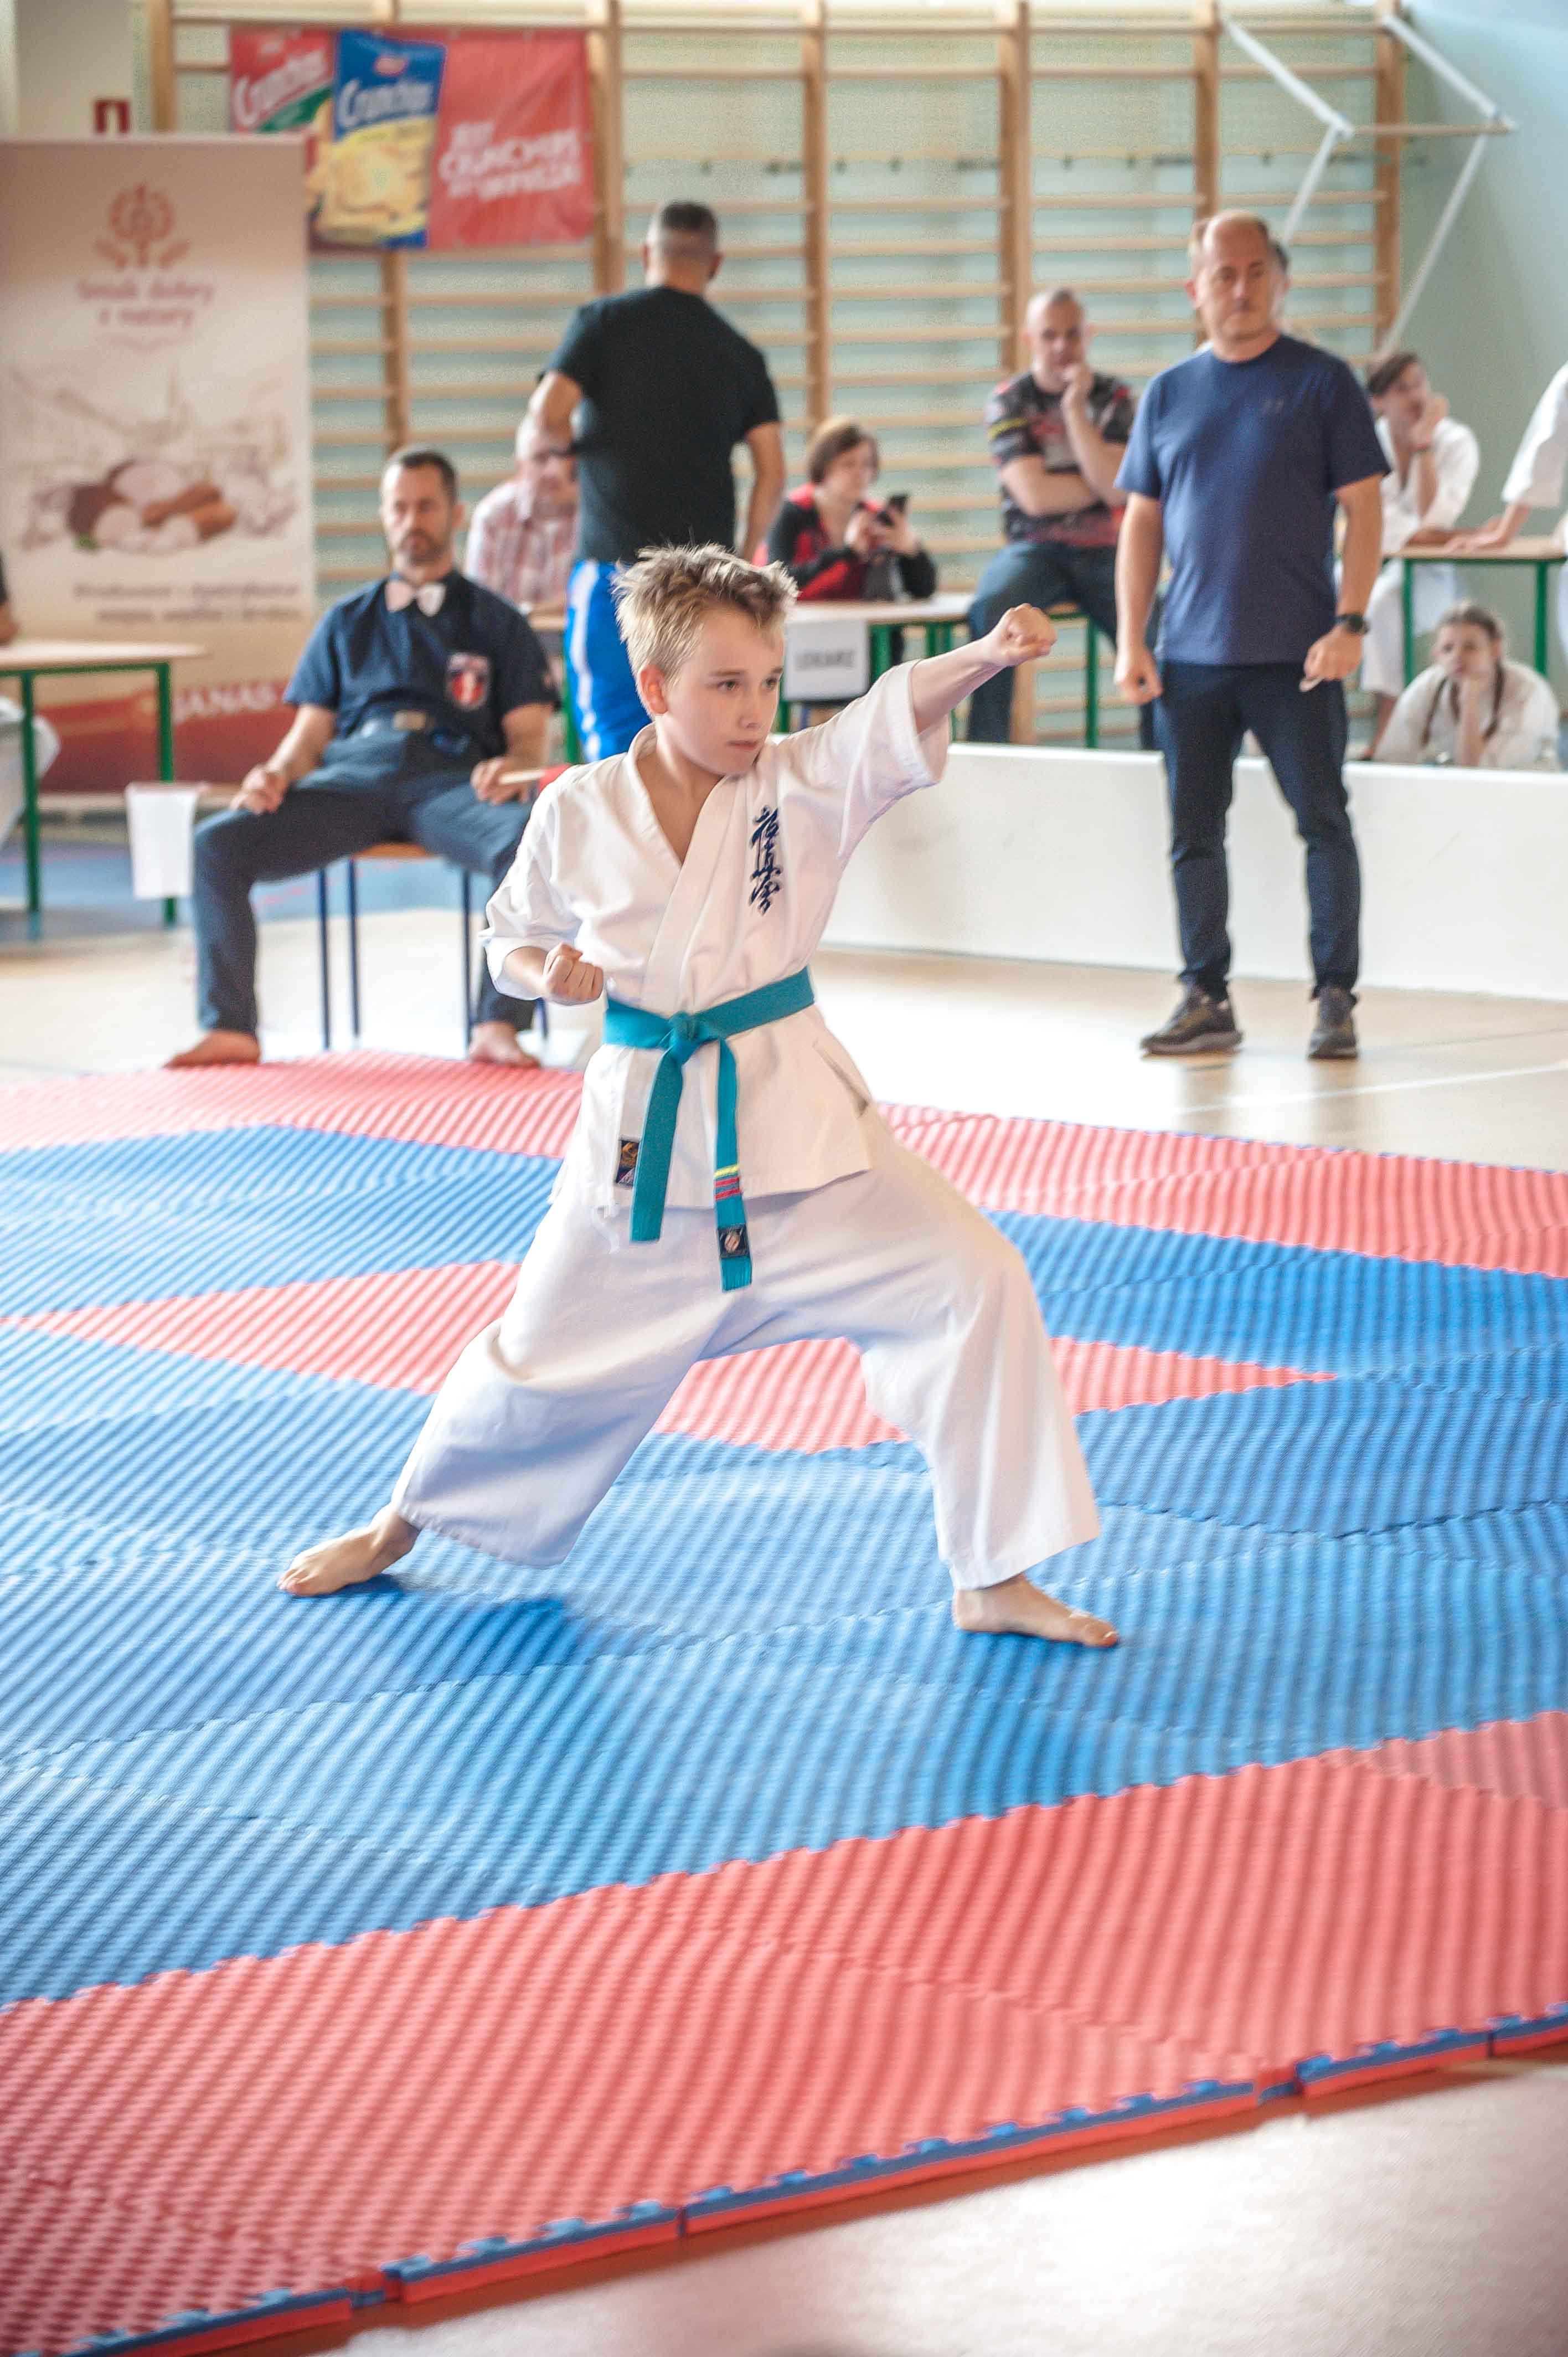 17 Turniej Karate Nowy Targ 2019_15.JPG